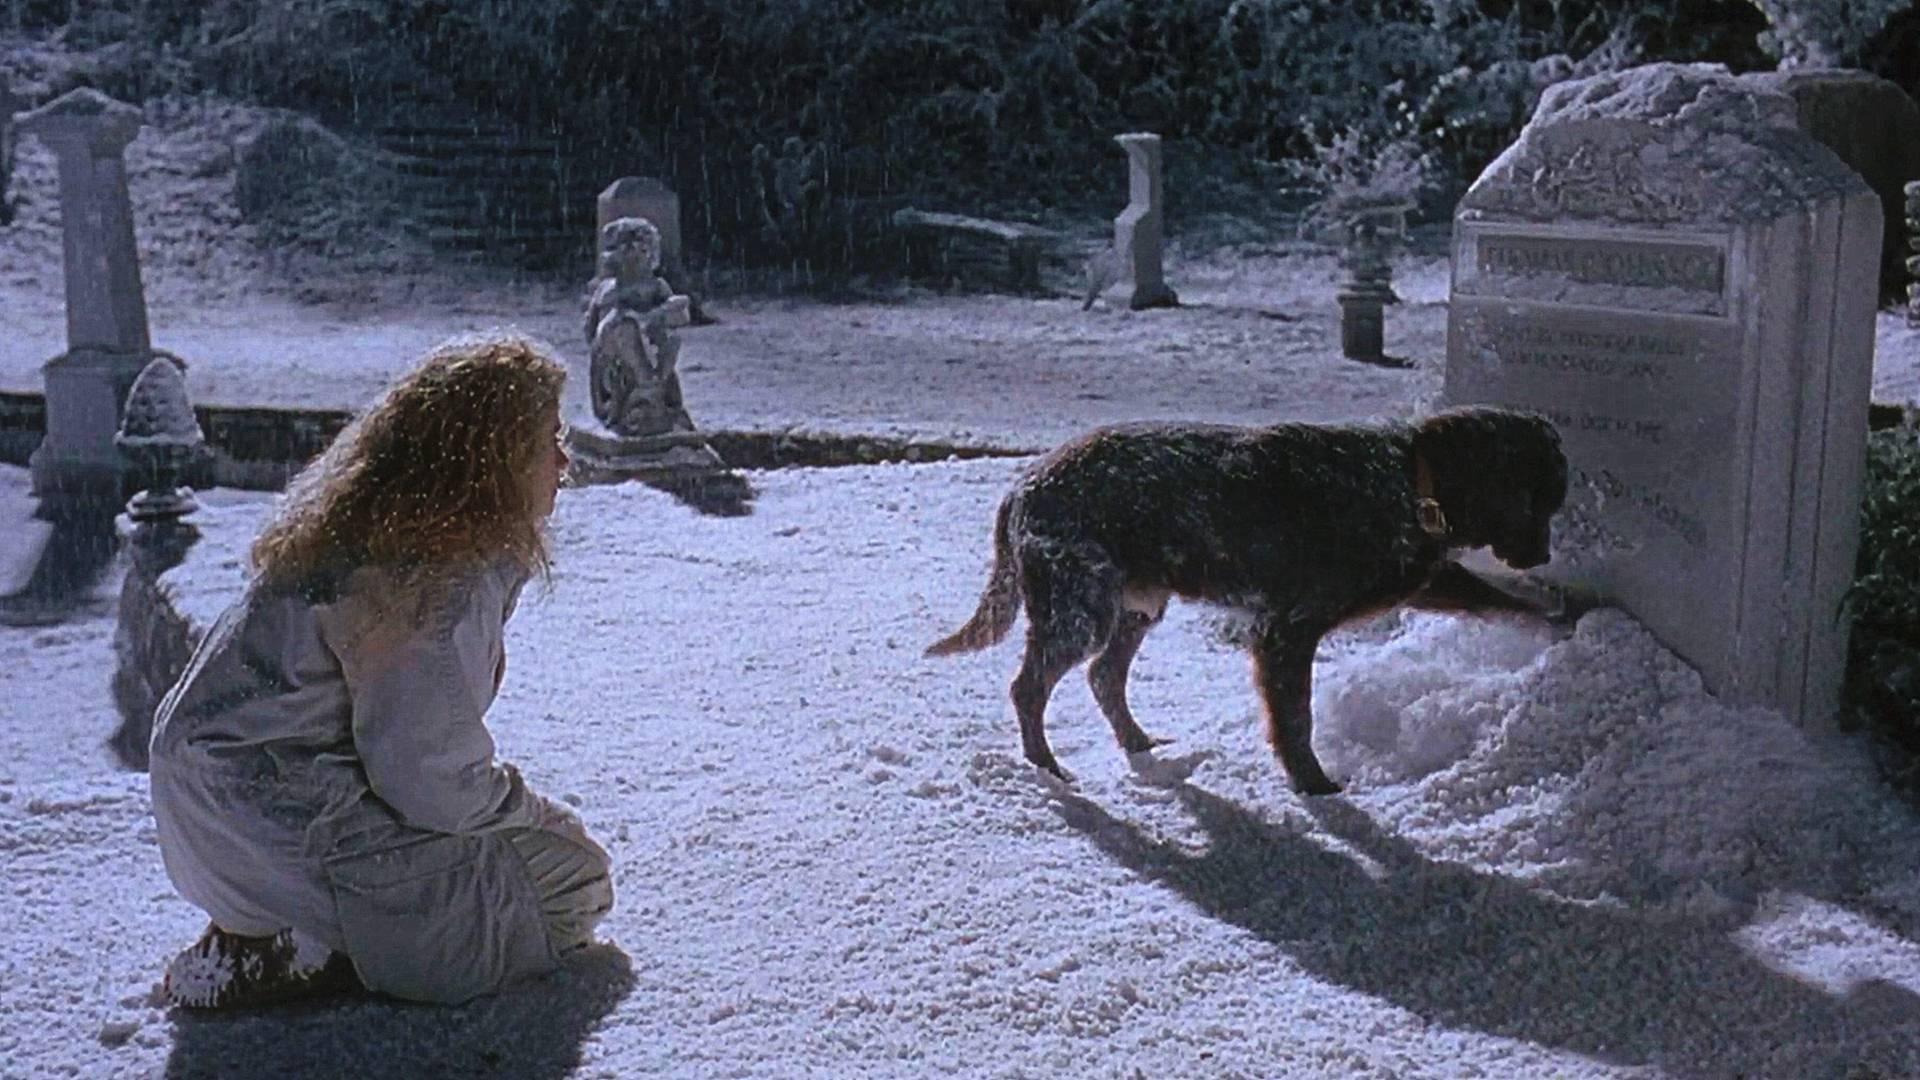 狗狗刨开墓碑积雪,妻子这才知道它是前世丈夫,一部感人爱情电影